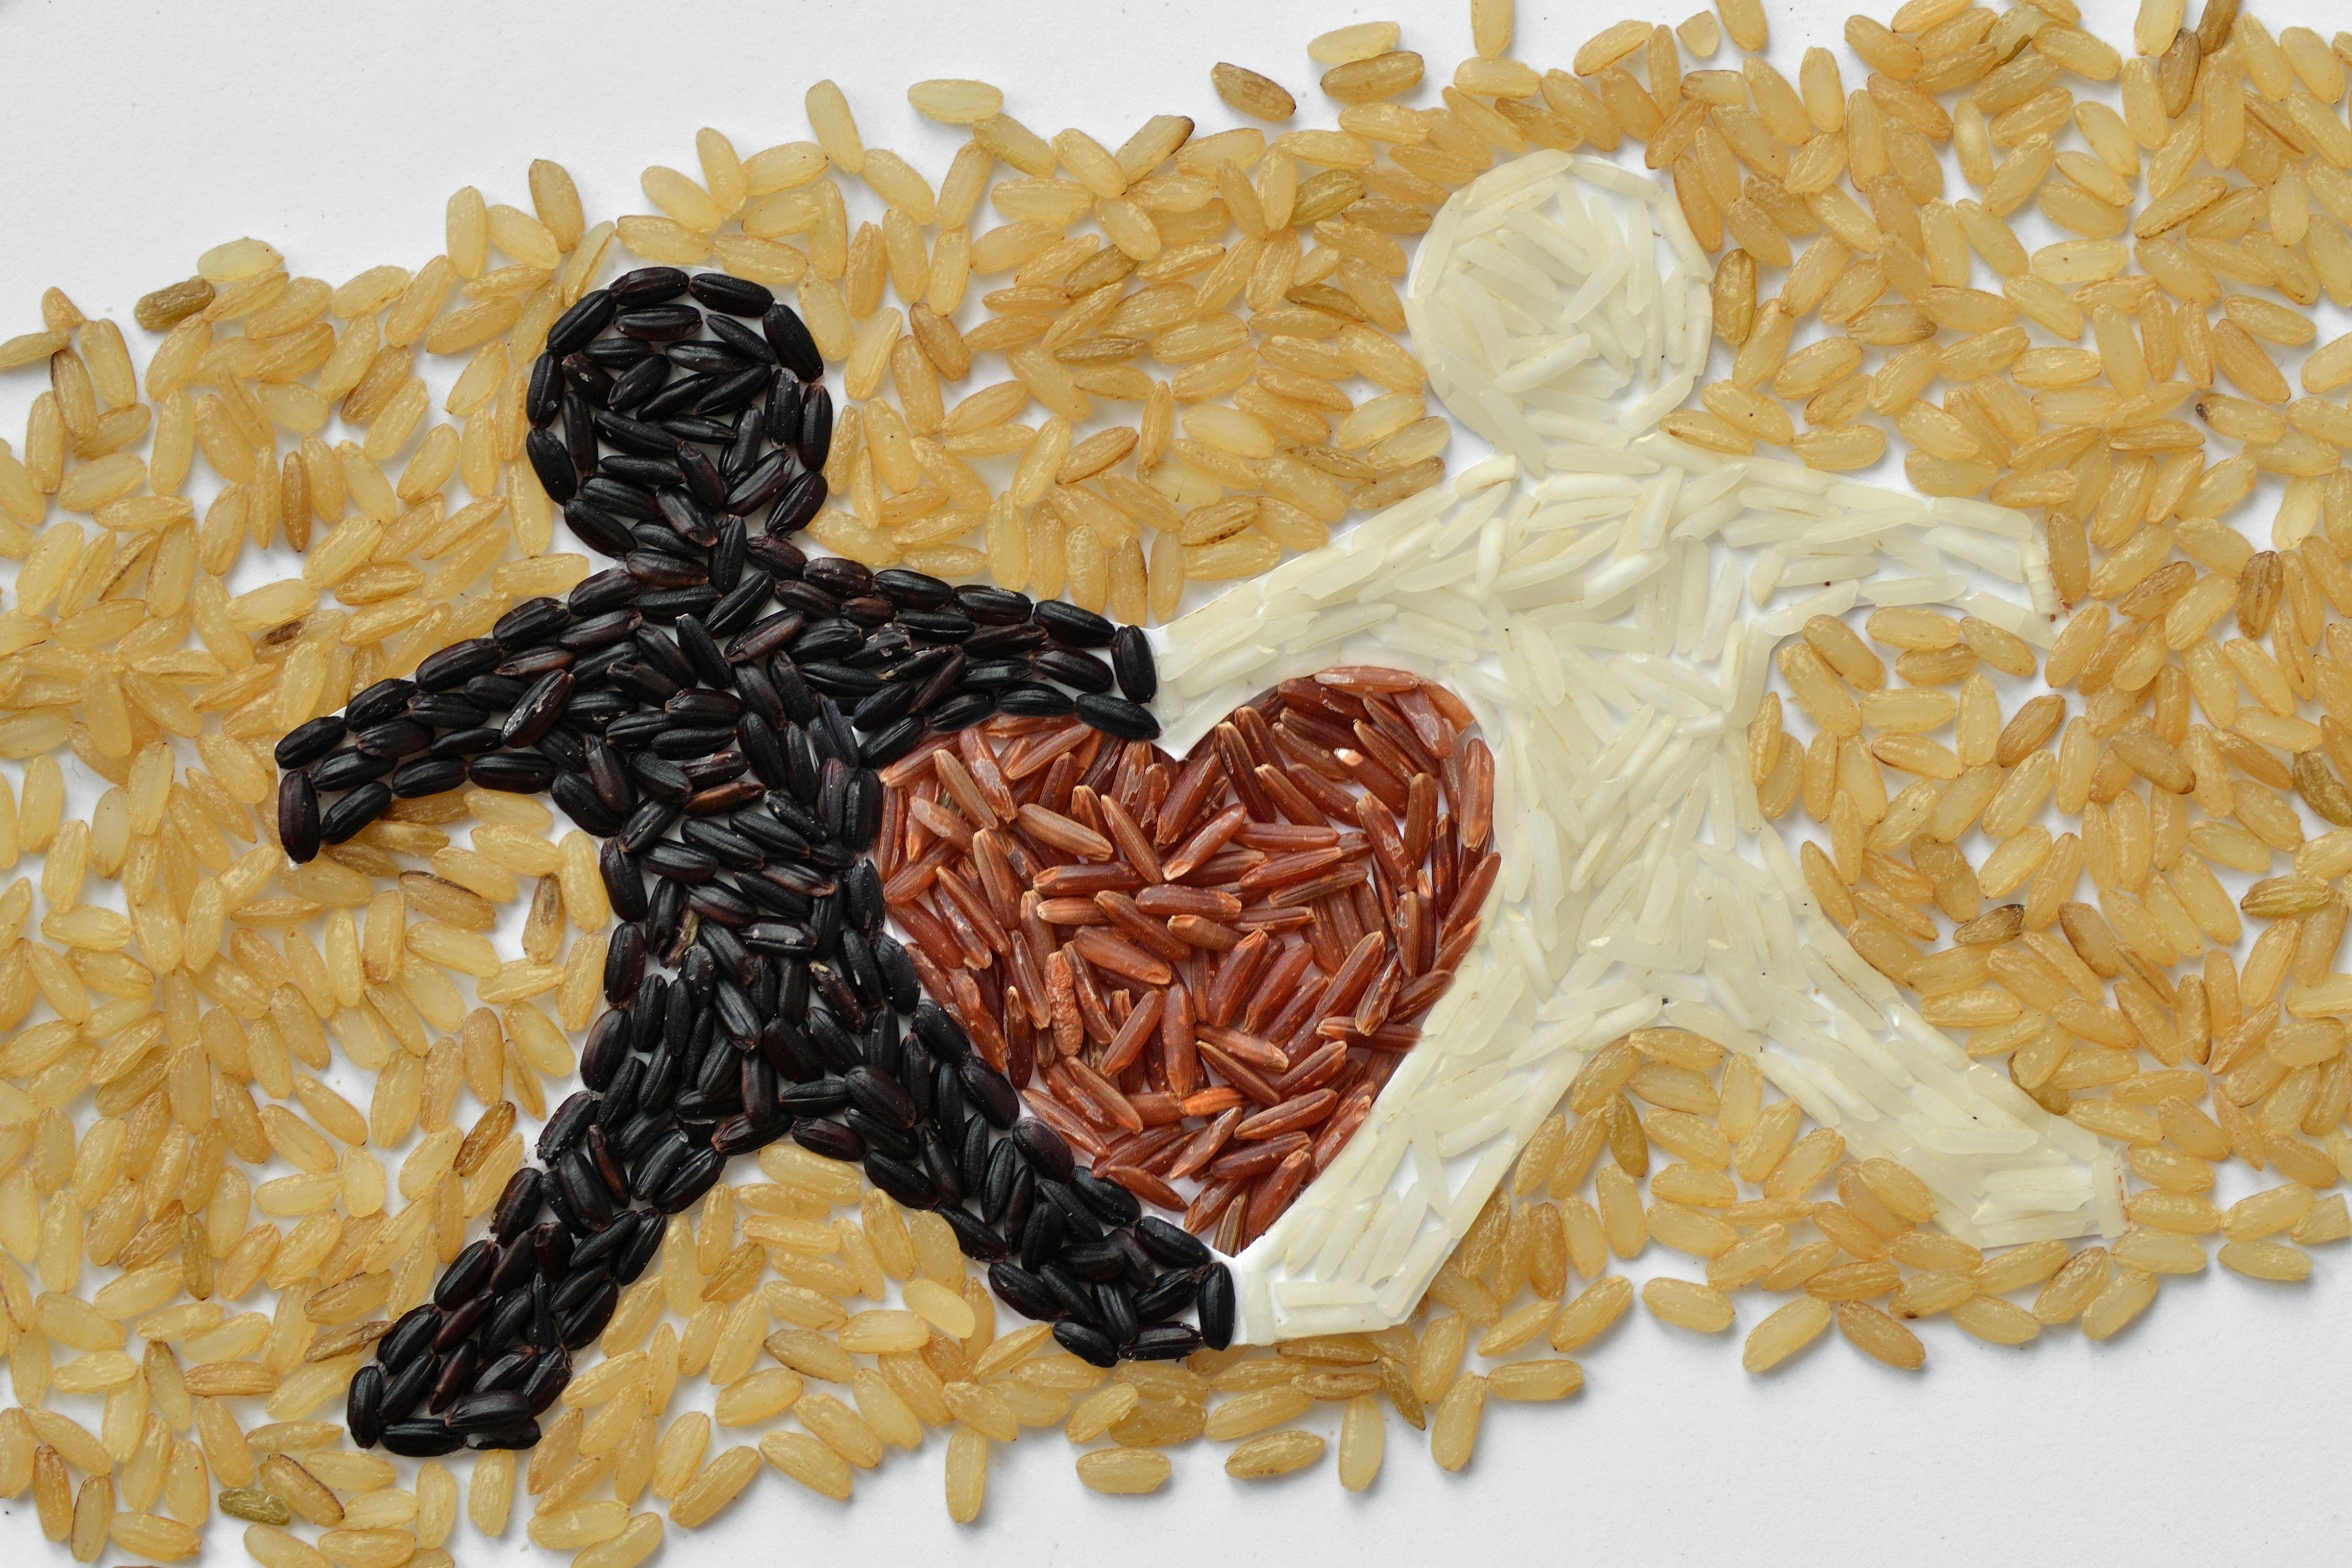 Verschiedenfarbige Reiskörner wurden zu einem Bild gelegt. Beige Reiskörner bilden Hintergrund. Aus dunklen und aus weißen Reiskörnern ist jeweils die Silhouette eines Männchens gelegt. Das dunkle und das helle Männchen stehen nebeneinander. Sie berühren sich mit den Händen und Füßen so, dass in dem daraus entstehenden Freiraum die Form eines Herzes entsteht. Das Herz wiederum ist aus roten Reiskörnern gelegt.